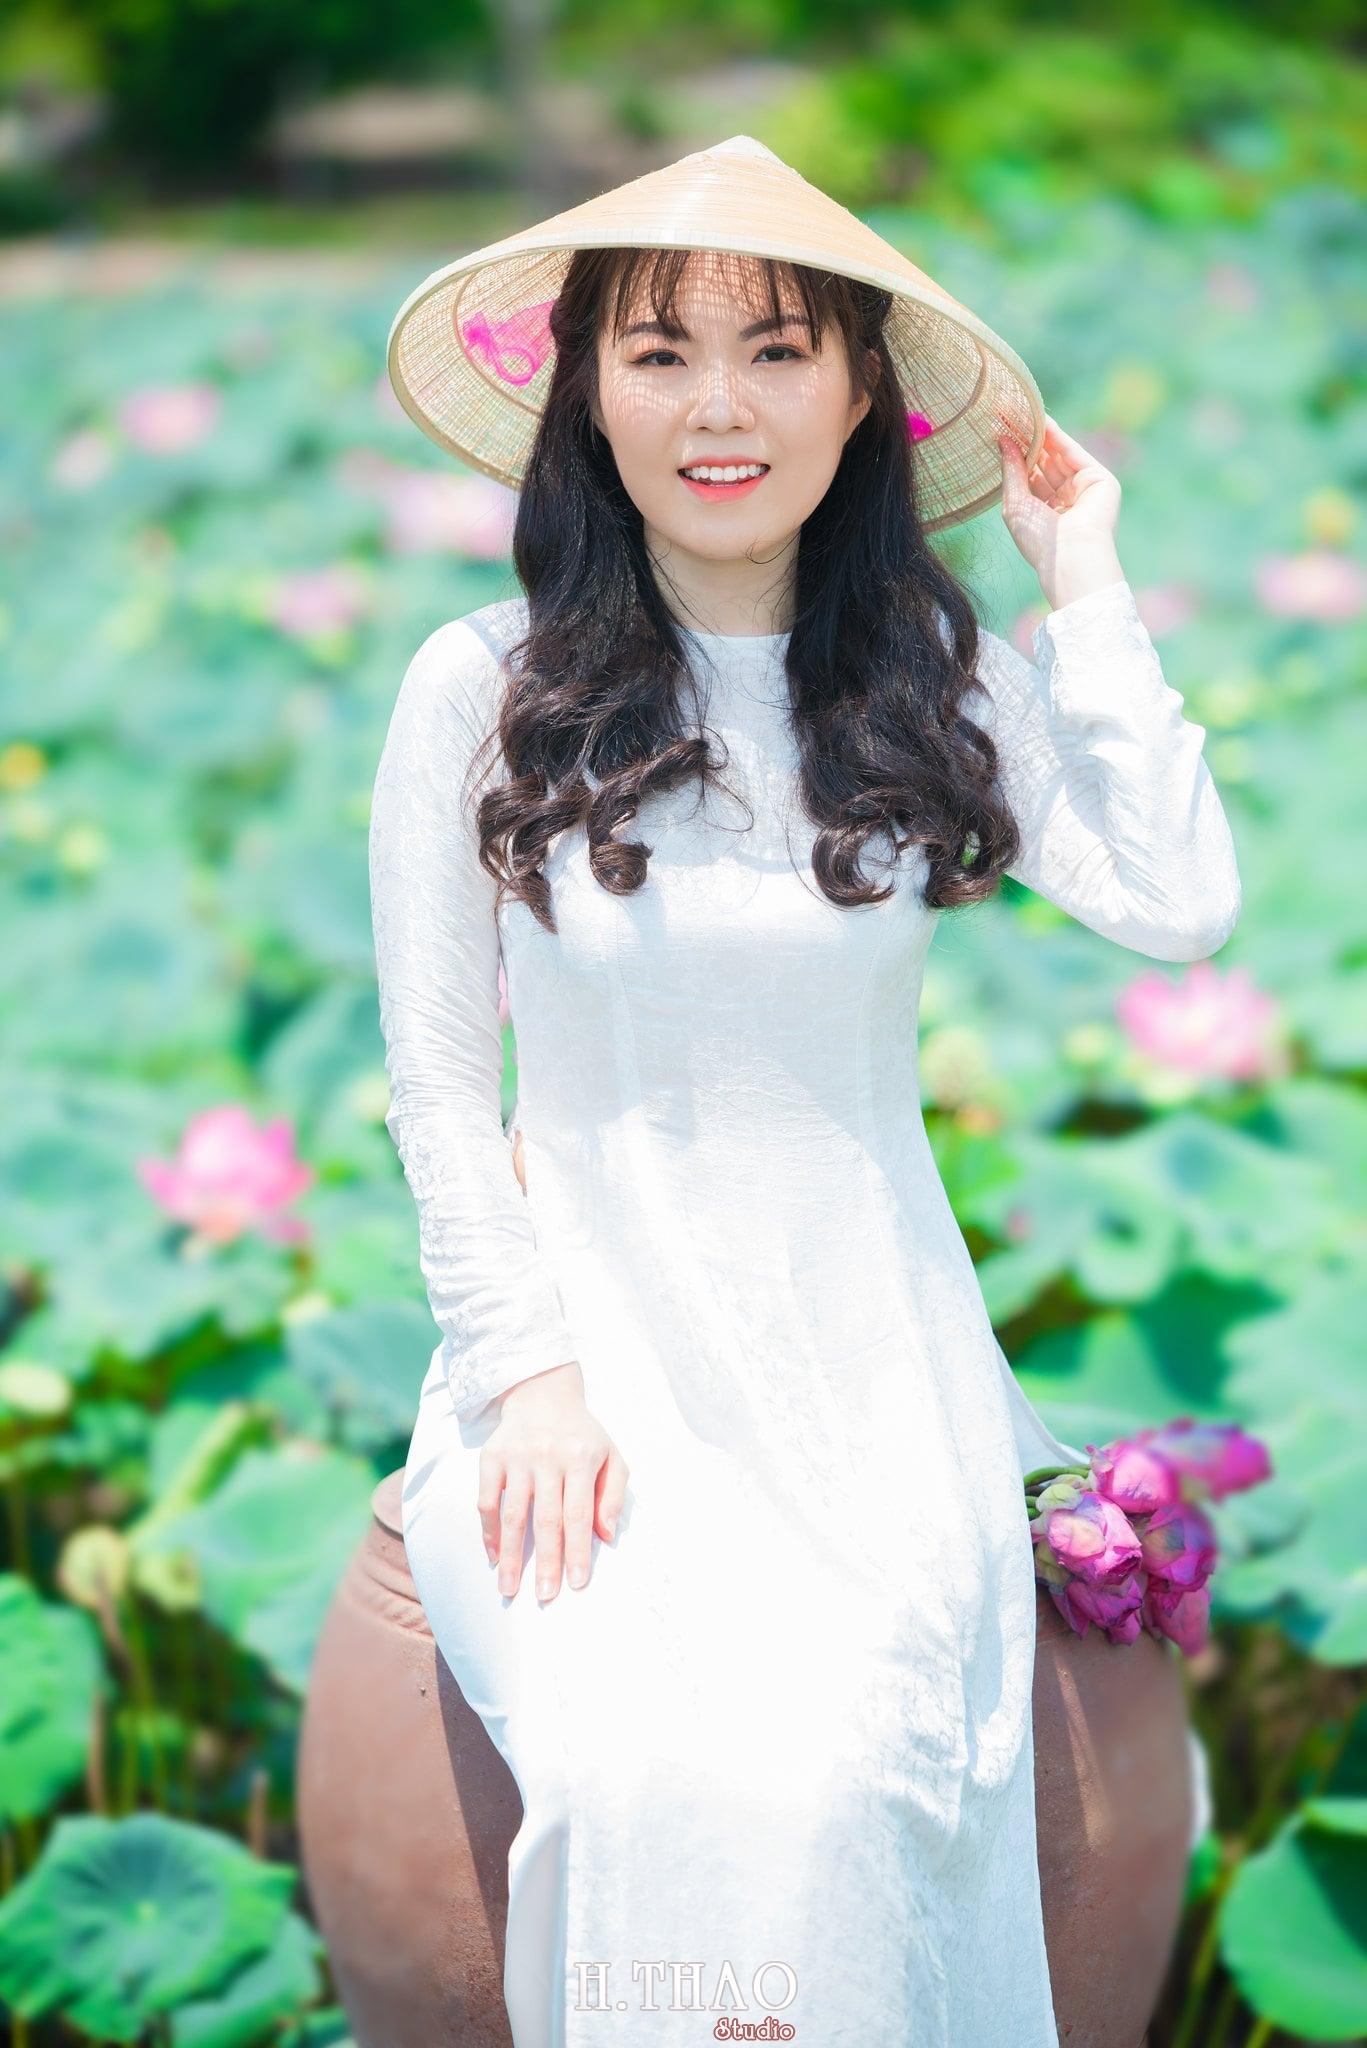 nh áo dài hoa sen 17 - Góc ảnh thiếu nữ áo dài bên hoa sen đẹp tinh khôi- HThao Studio